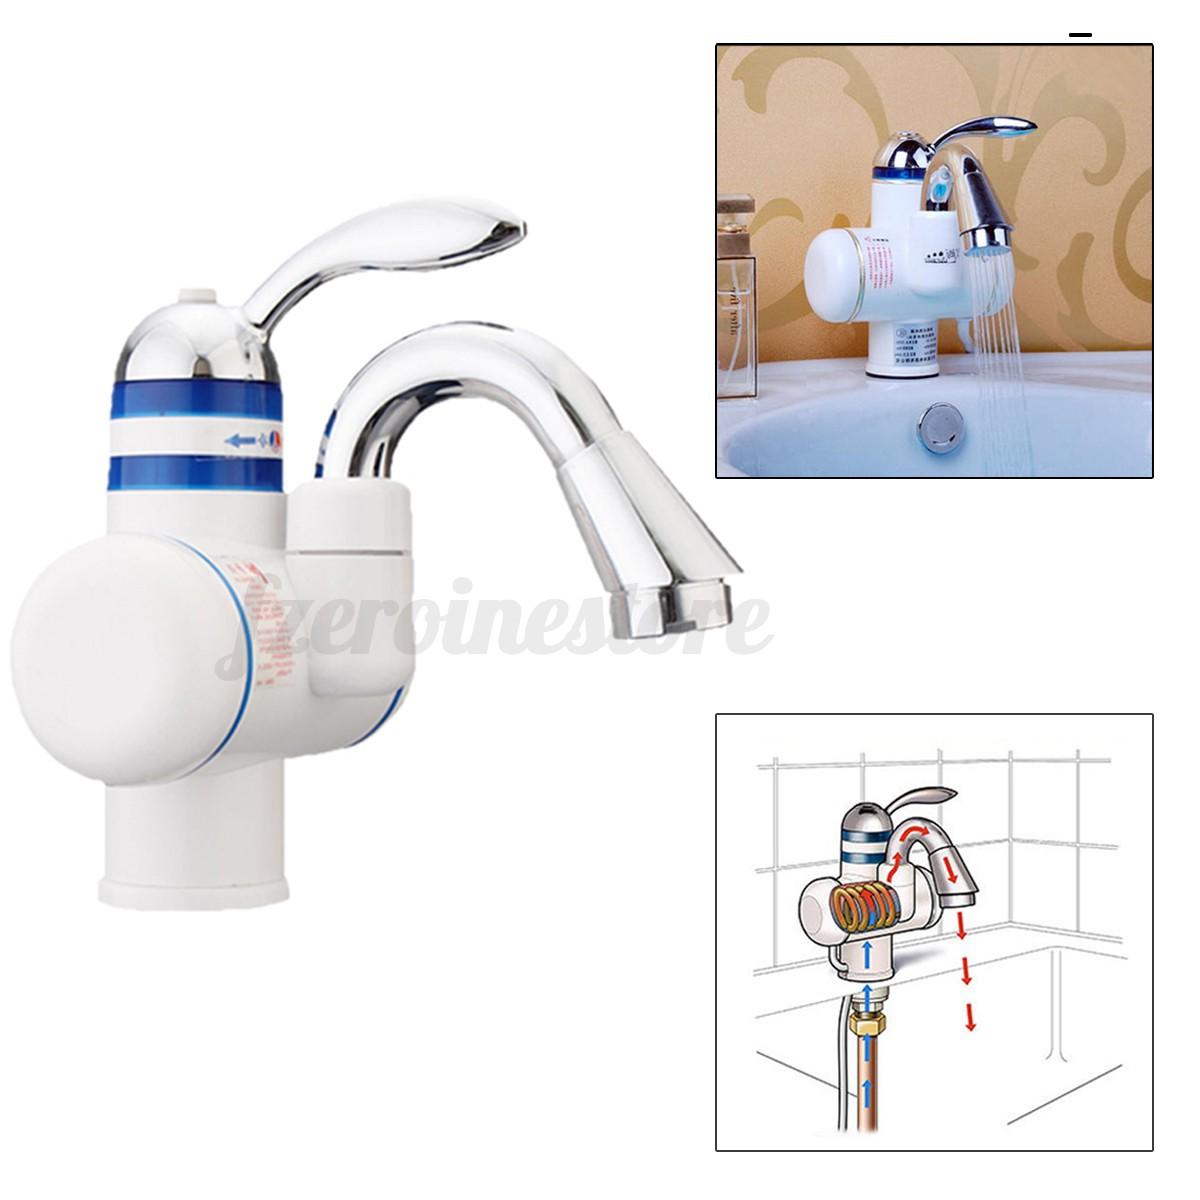 elektrische armatur bad k che elektrisch wasserhahn durchlauferhitzer warmwasser ebay. Black Bedroom Furniture Sets. Home Design Ideas